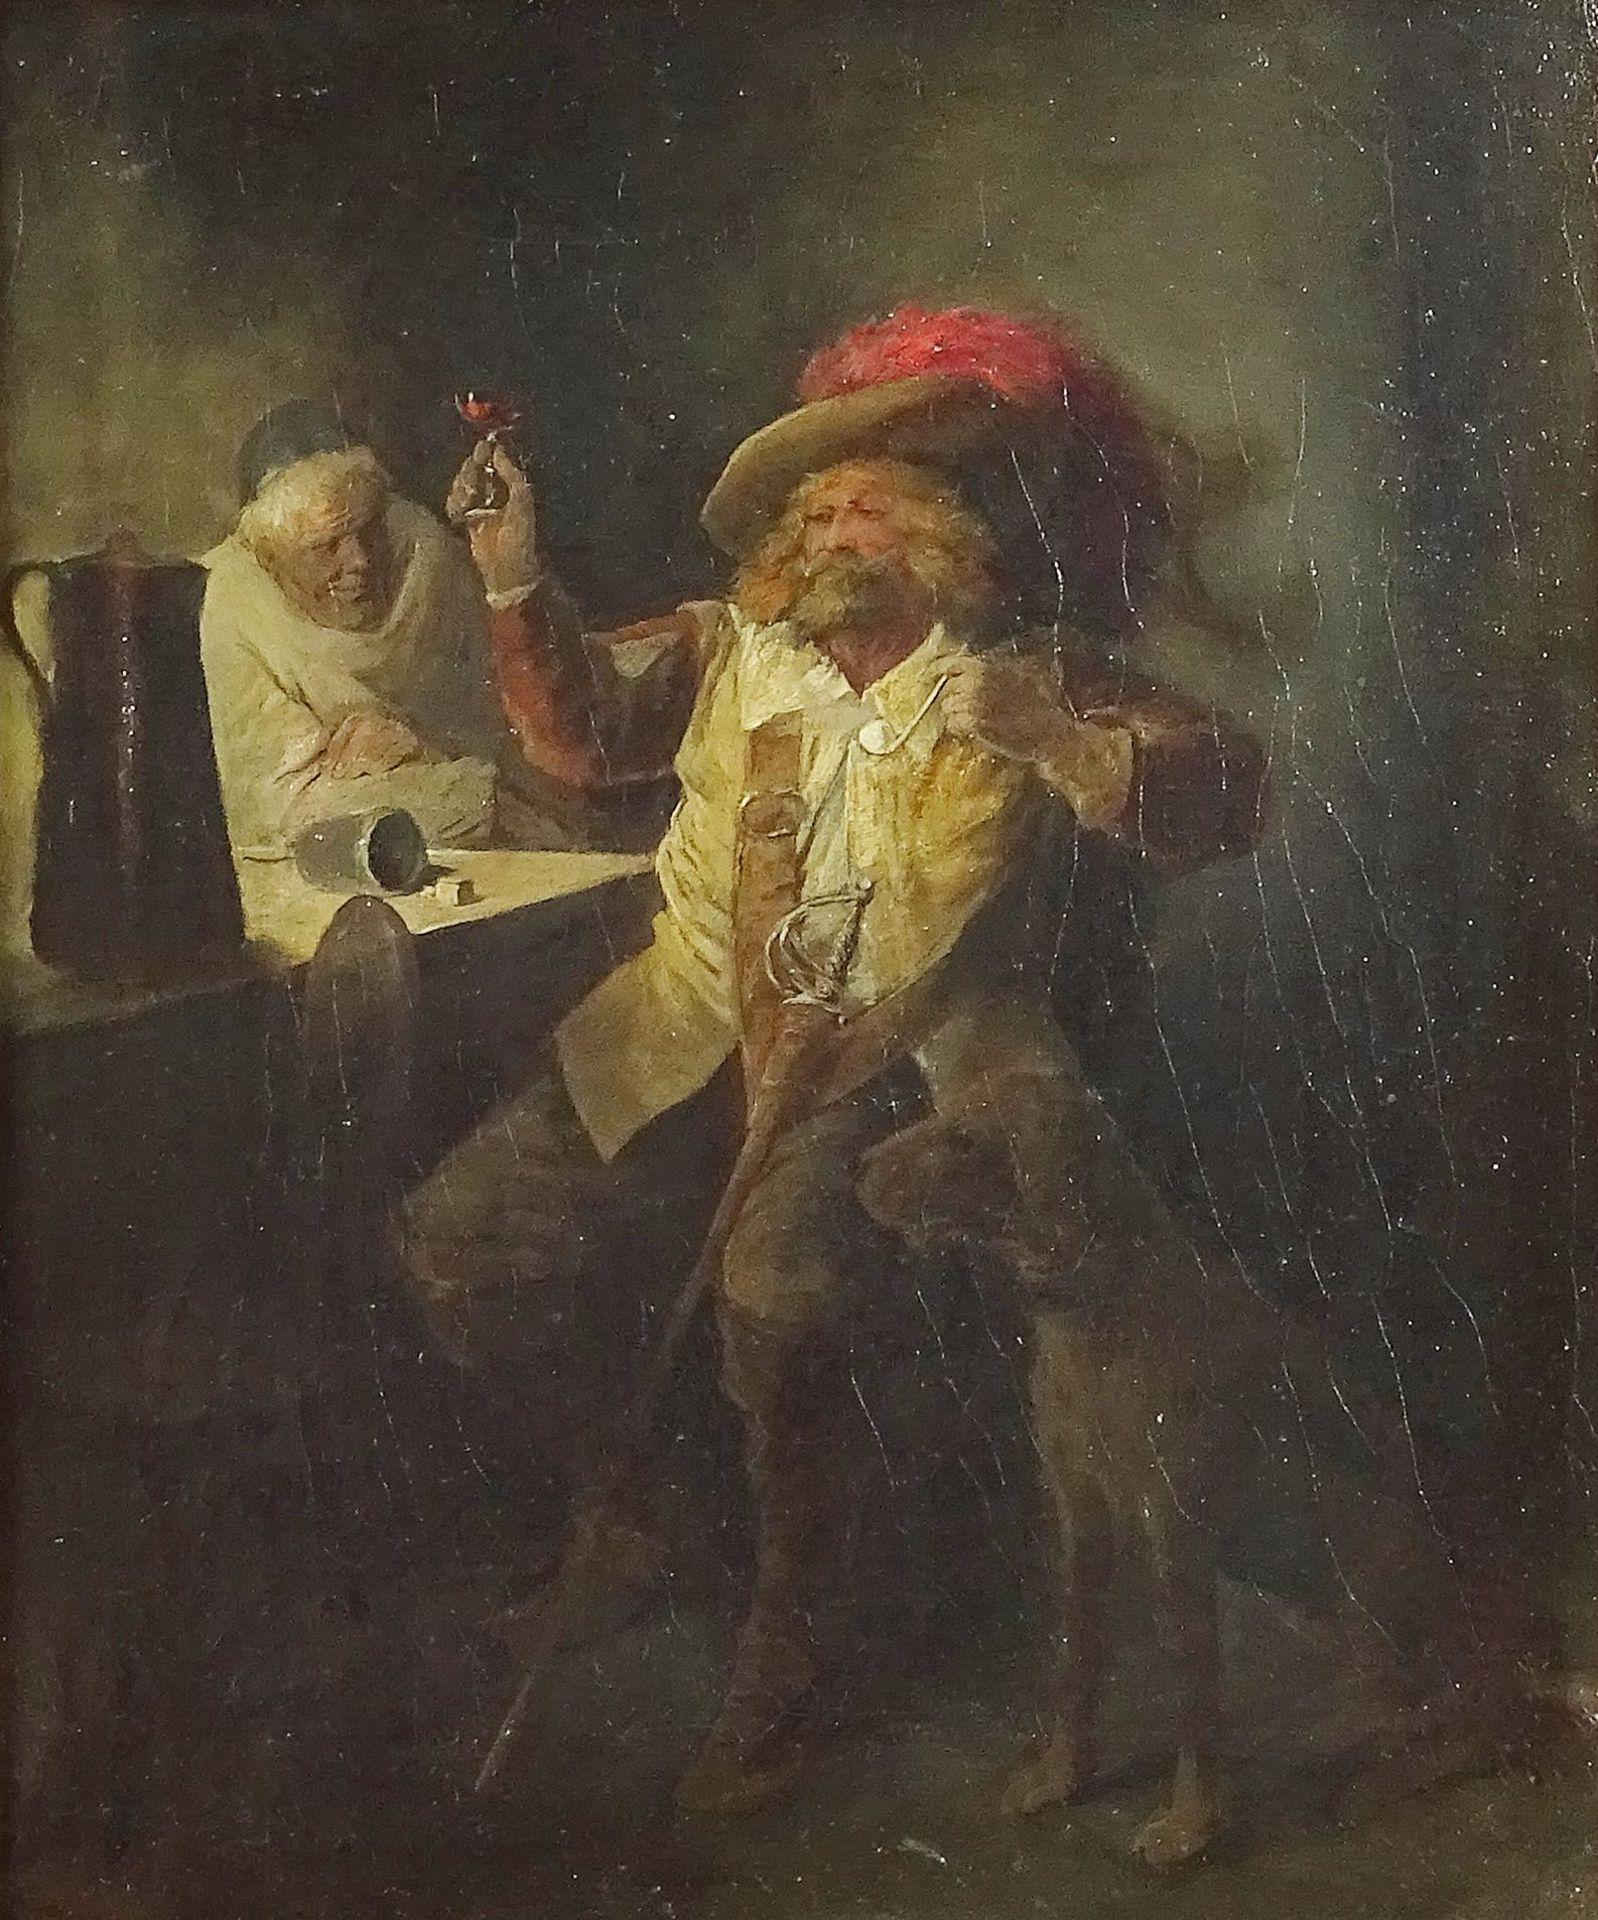 Ernst Juch, Gasthausszene (Edelmann und Mönch beim Würfelspiel) - Bild 2 aus 4